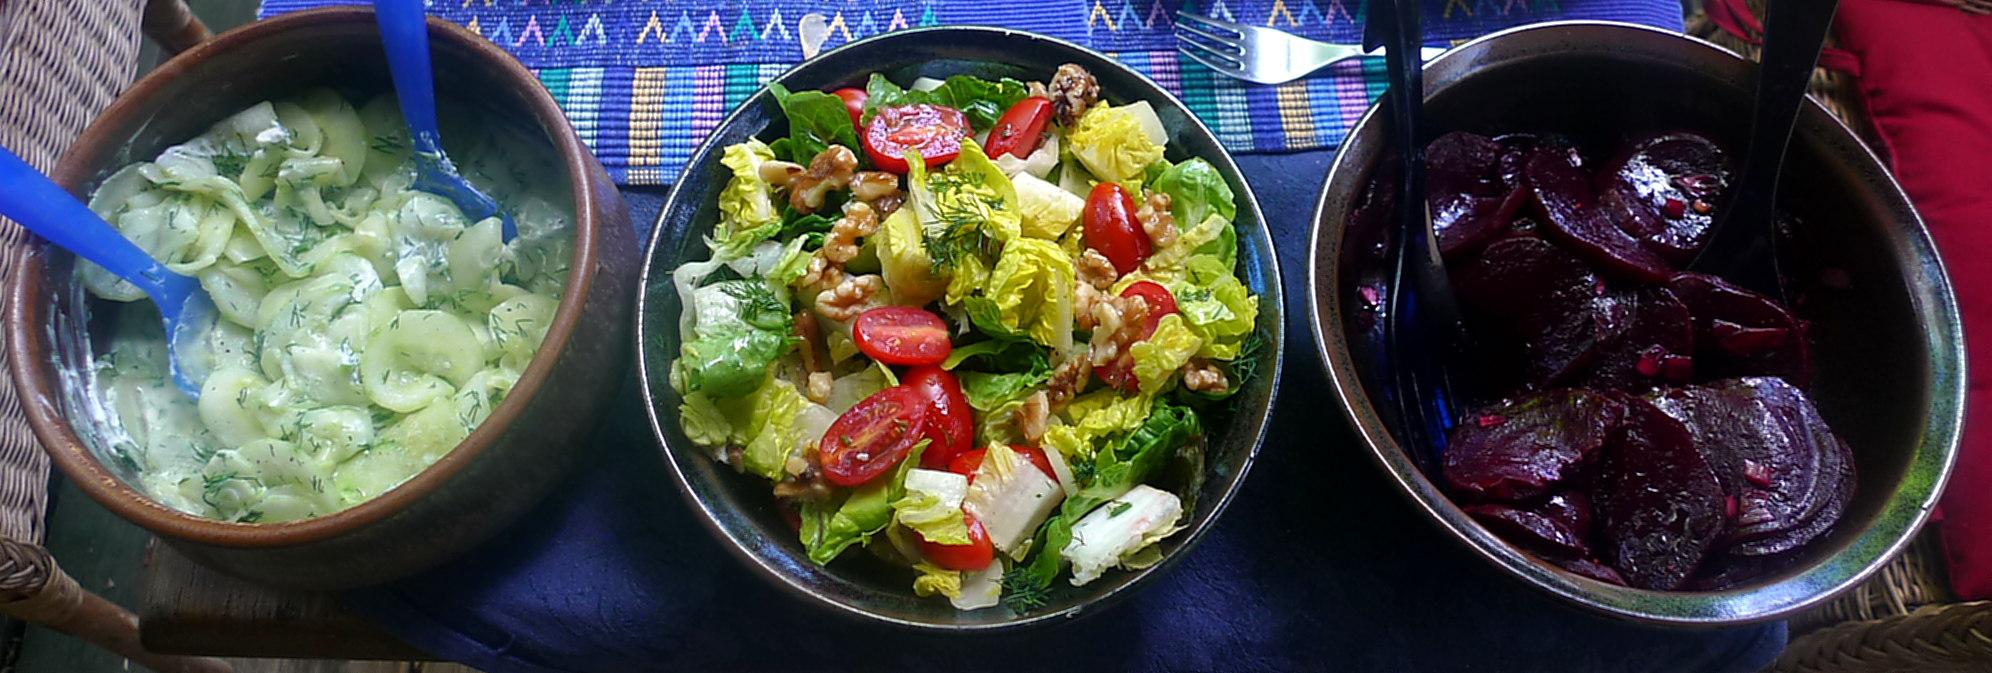 20.6.16 - Salate,Feta,Kartoffeln,Dessert (8)